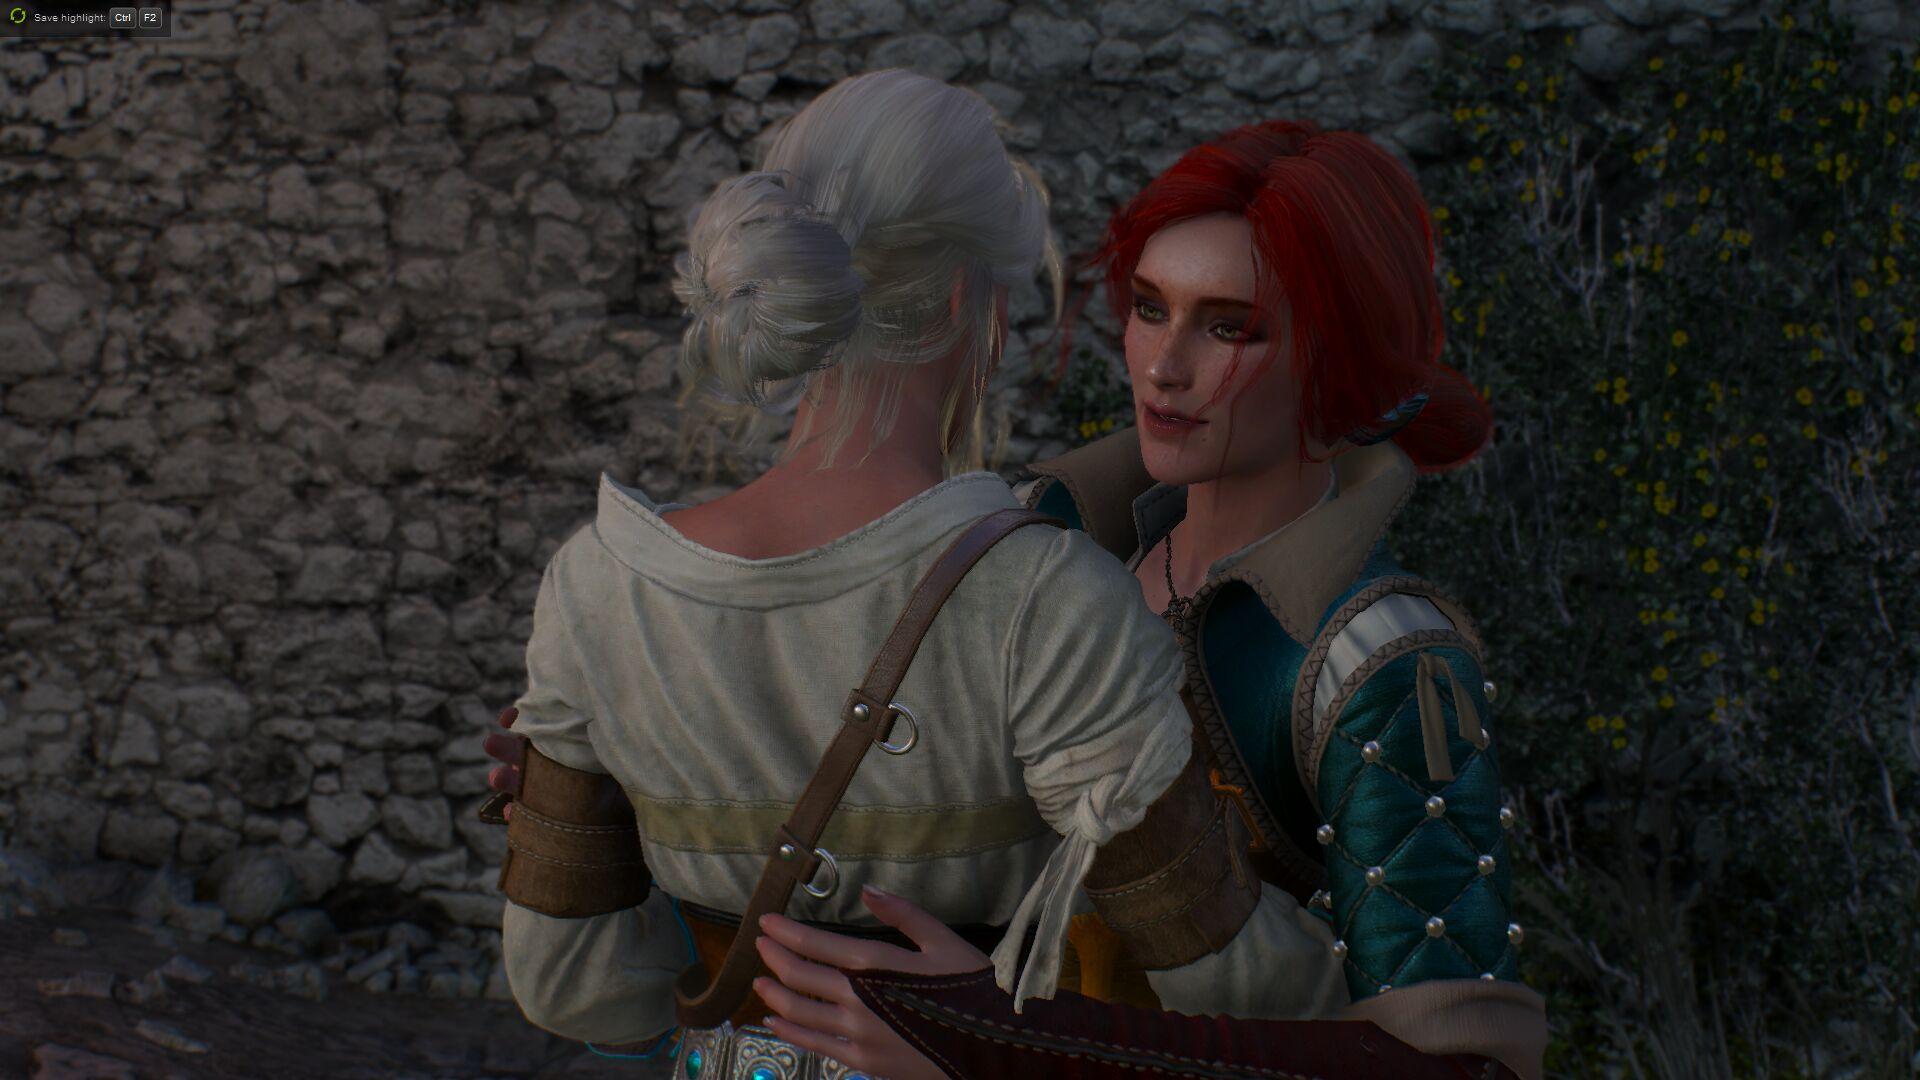 Трисс обнимает Цири